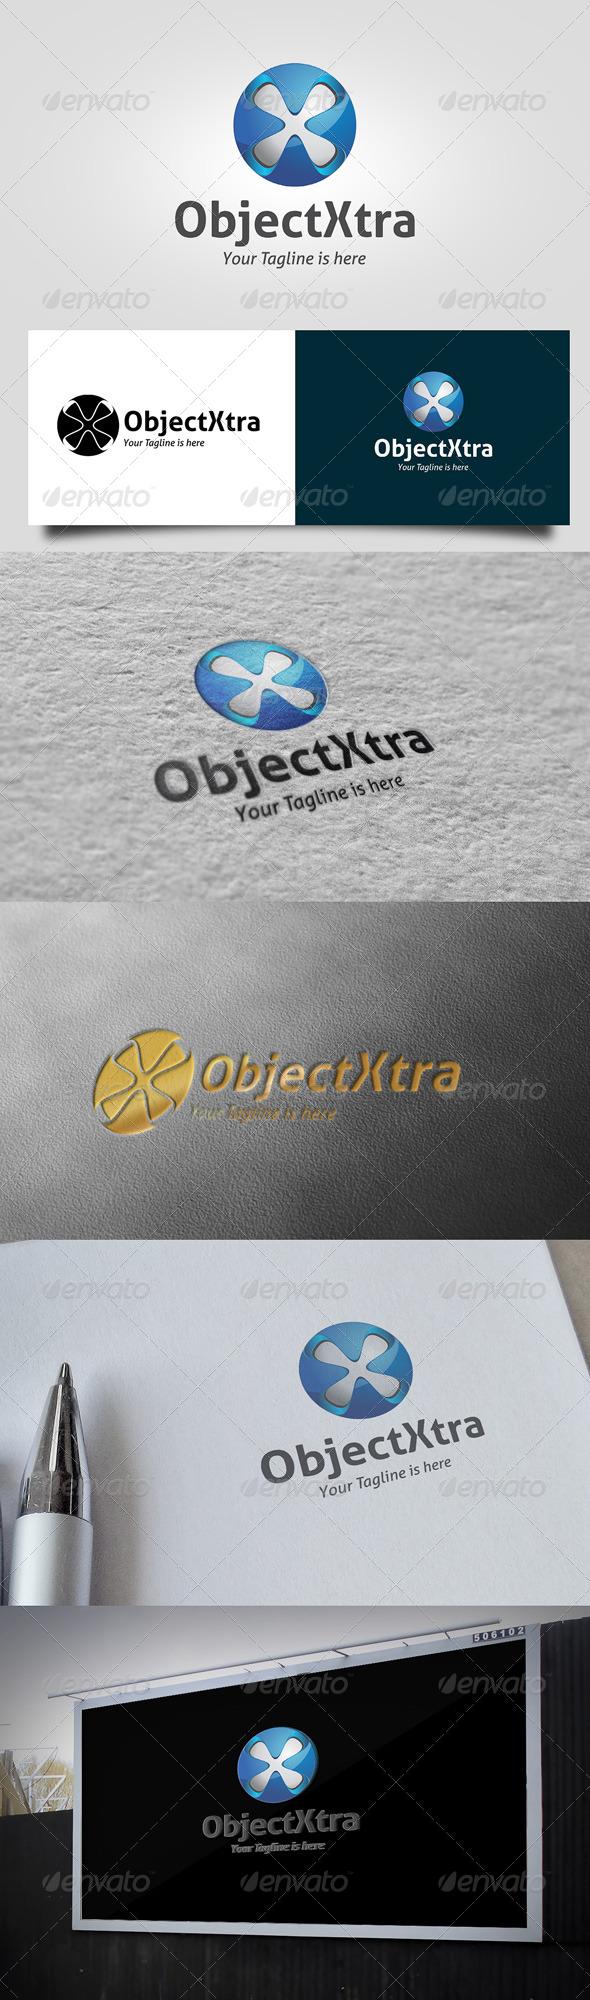 Object Xtra logo